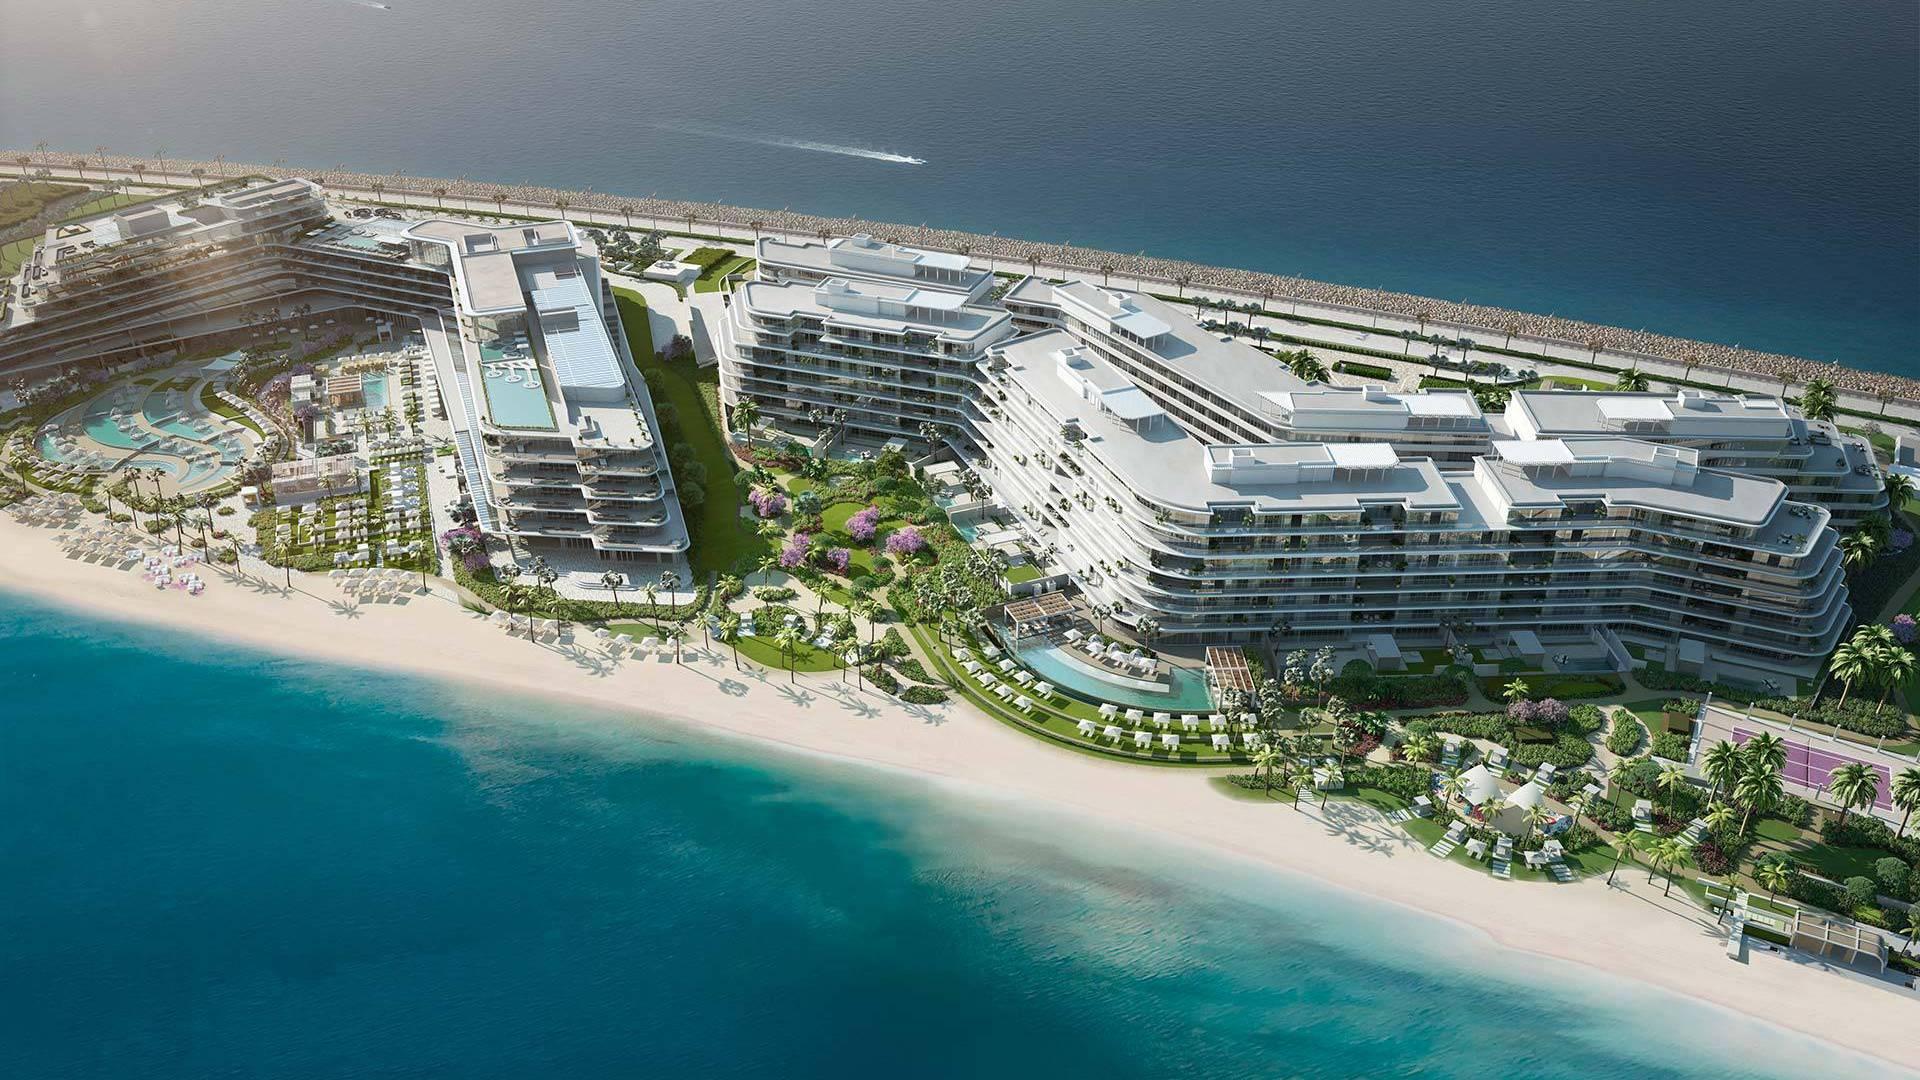 Ático en venta en Dubai, EAU, 4 dormitorios, 1138 m2, № 23890 – foto 3